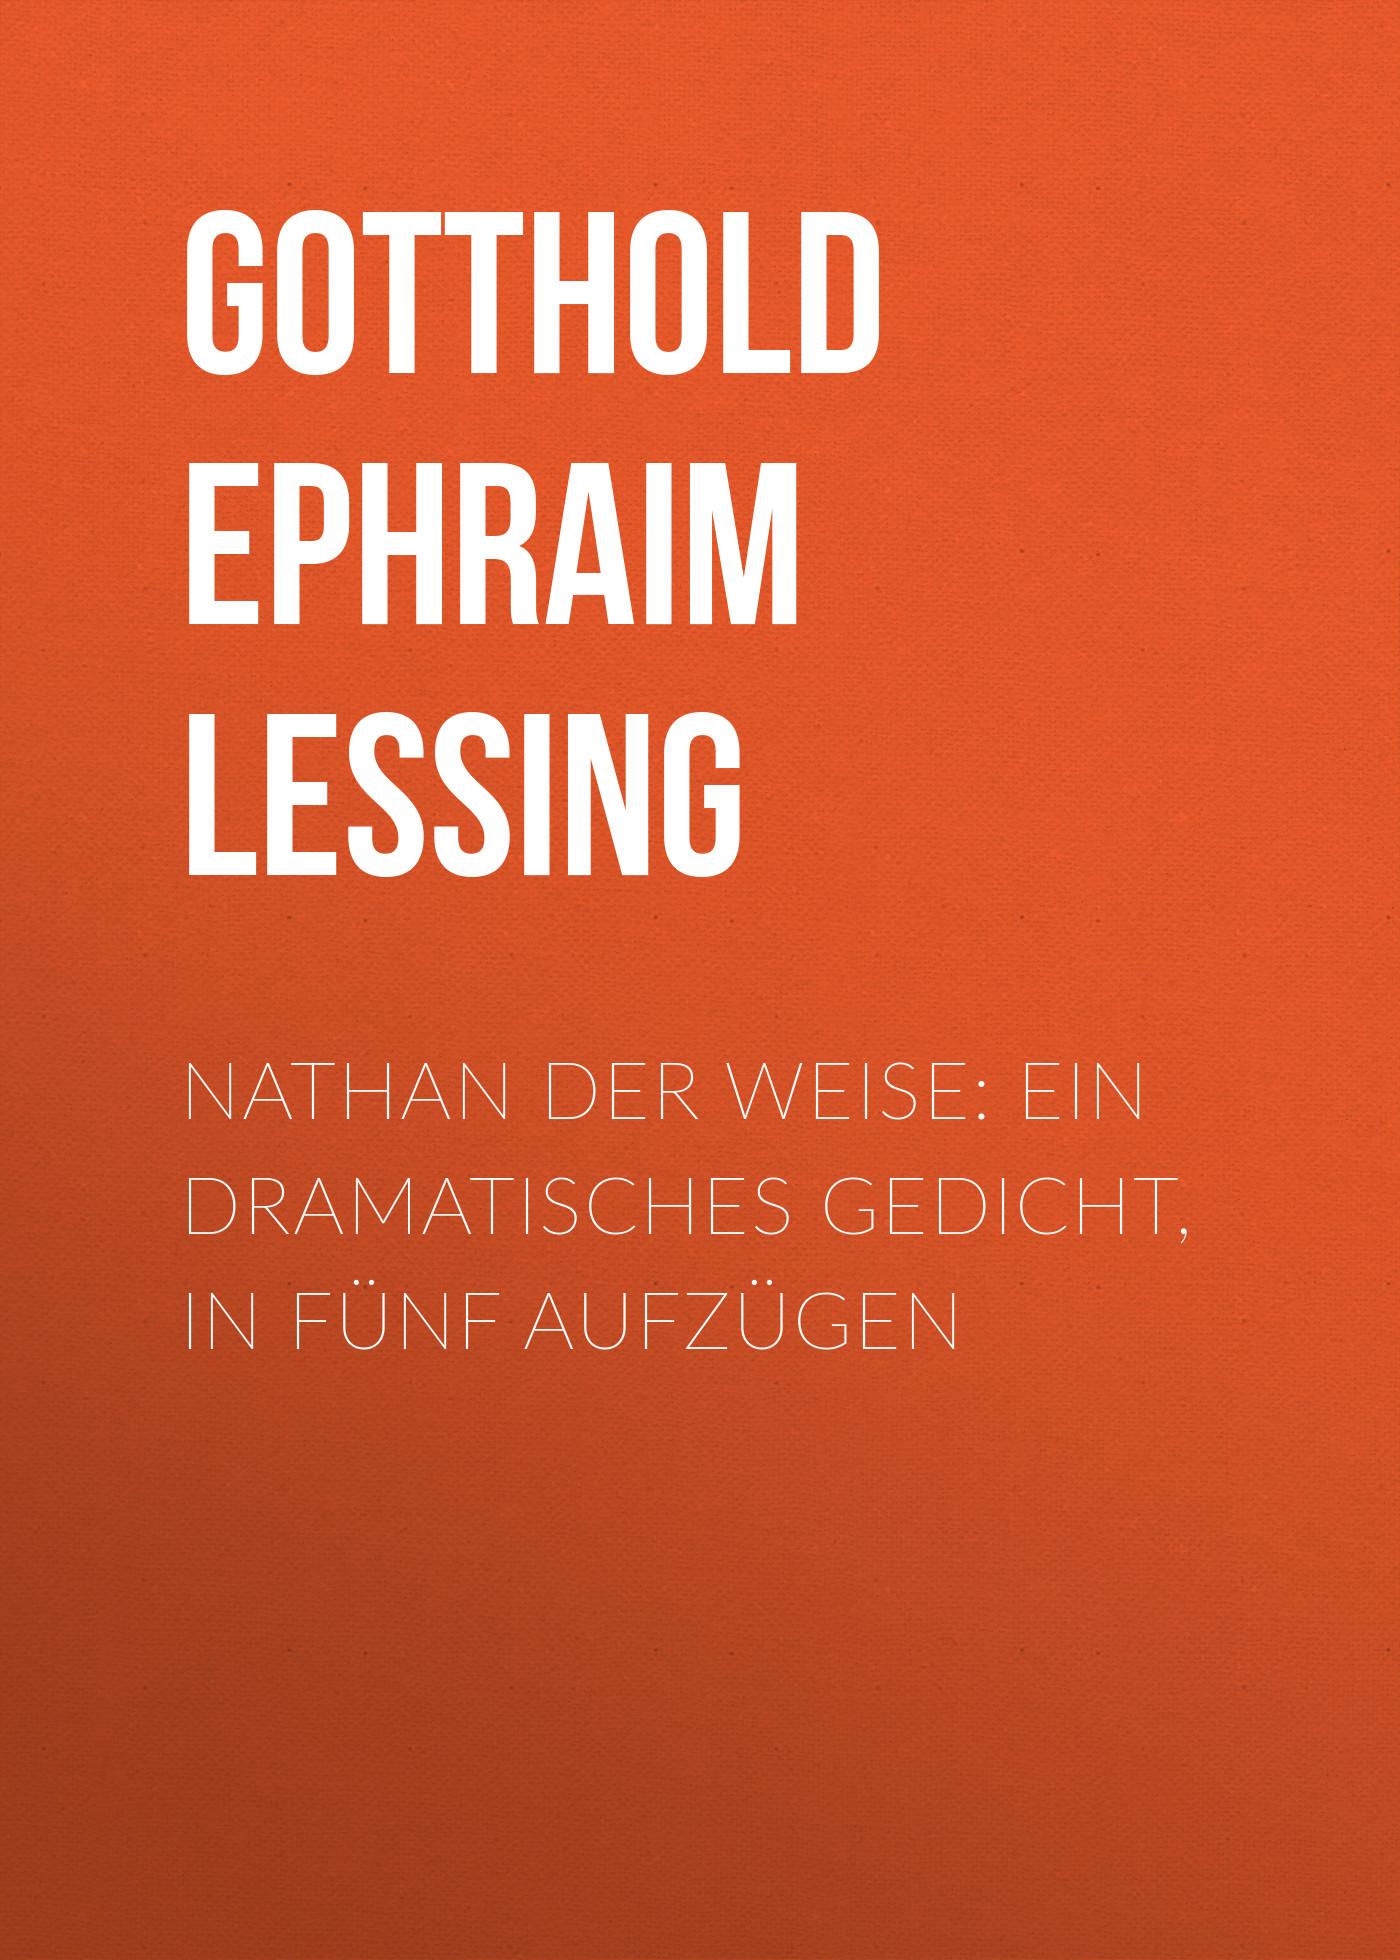 Gotthold Ephraim Lessing Nathan Der Weise Ein Dramatisches